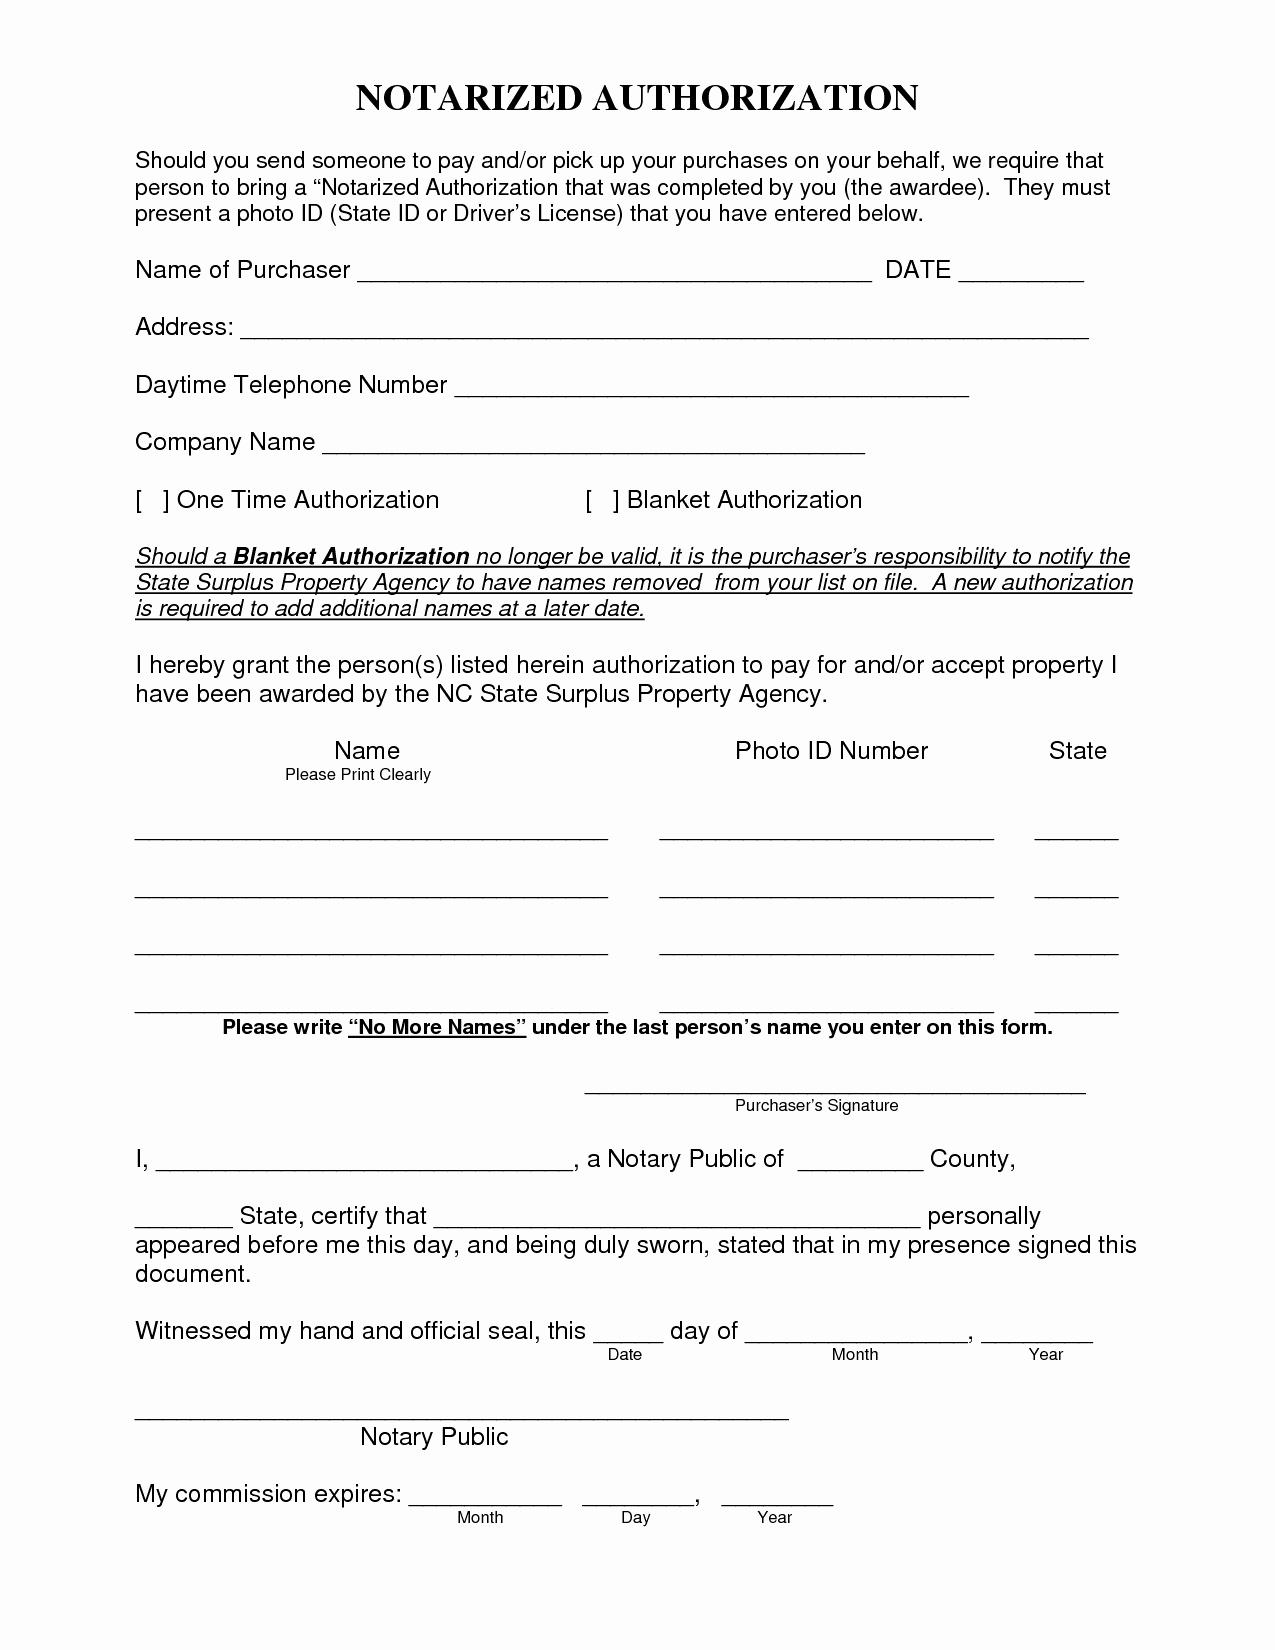 Child Custody Letter Template - Child Custody Letter Sample Best 13 Inspirational Joint Custody